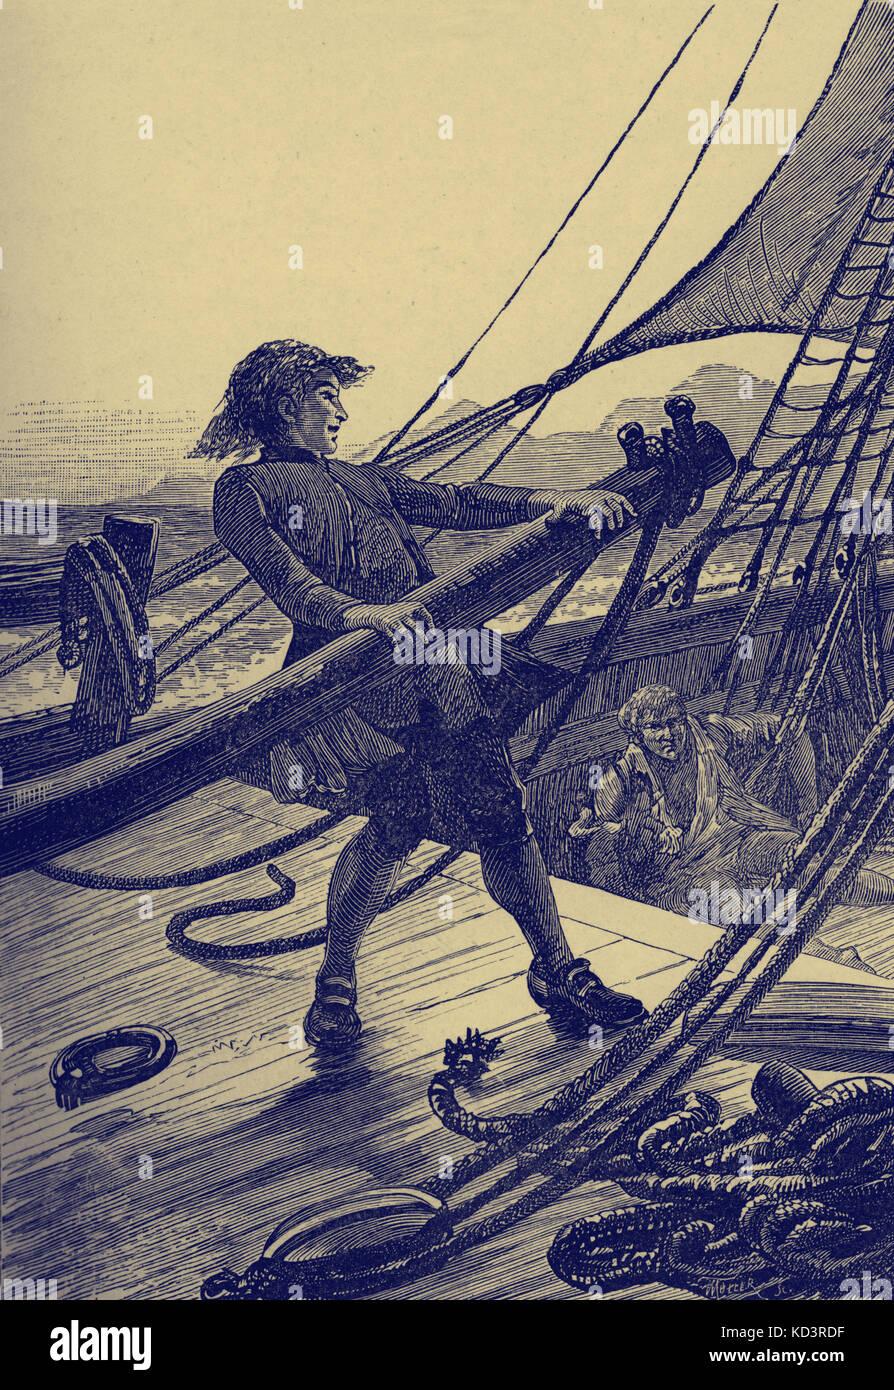 """La Isla del Tesoro de Robert Louis Stevenson. El título dice: """"puse el timón duro y la Hispaniola girarla rápidamente."""" (Jim Hawkins"""" volver a la Hispaniola.) Capítulo XXVI de manos de Israel. Publicado por primera vez en 1881-82. RLS: escocés, poeta, novelista y escritor de viajes, el 13 de noviembre de 1850 - 3 de diciembre de 1894. Foto de stock"""